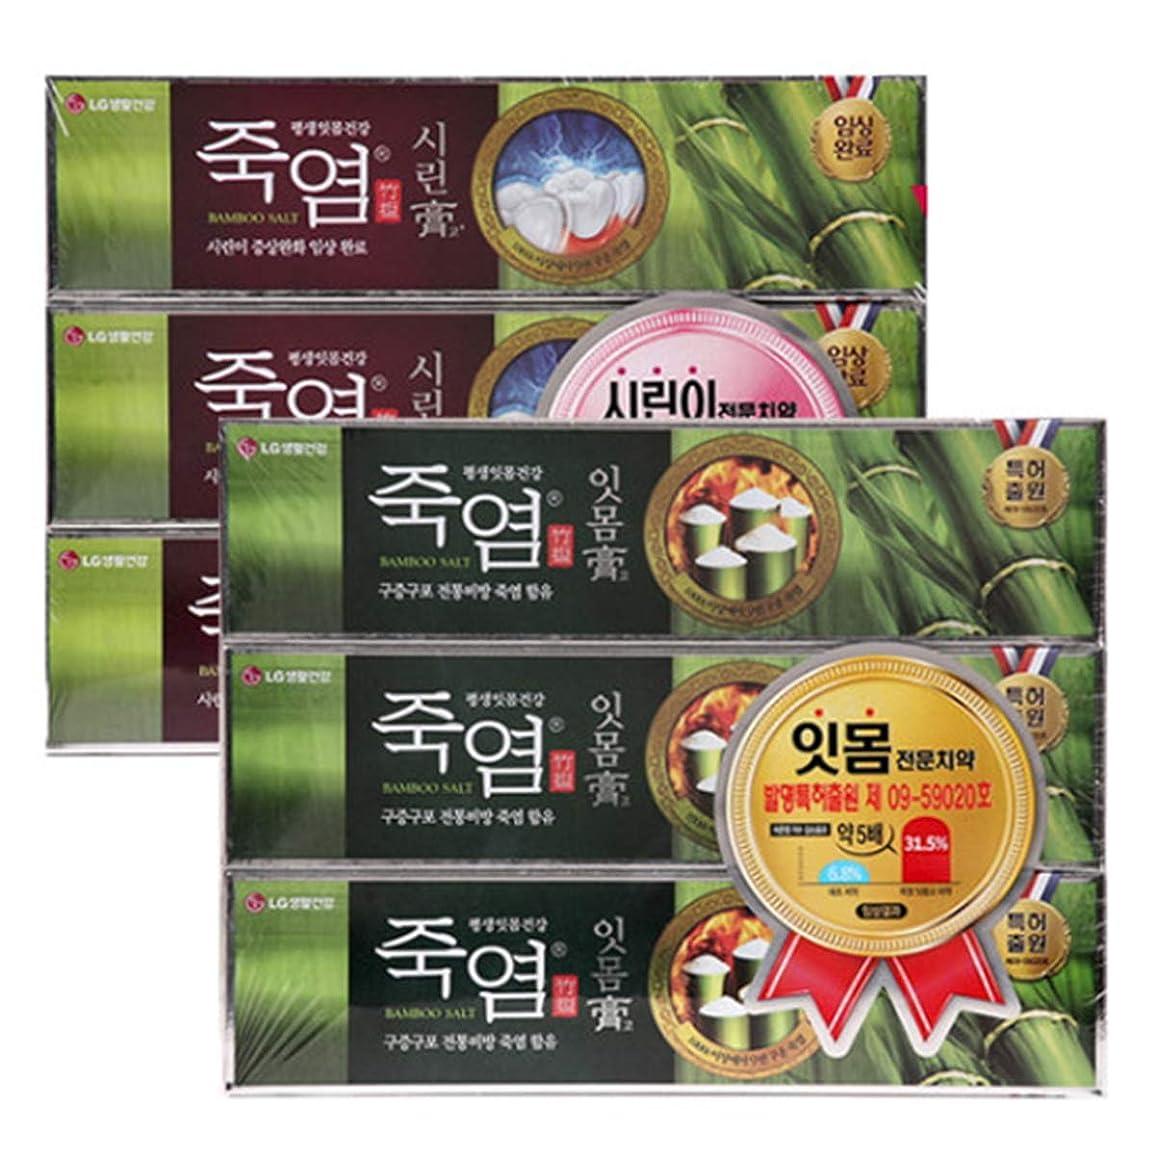 神経フォアマンディプロマ[LG HnB] Bamboo salt gum. Crying toothpaste/竹塩ガムと。つぶれた歯磨き粉 120gx6個(海外直送品)